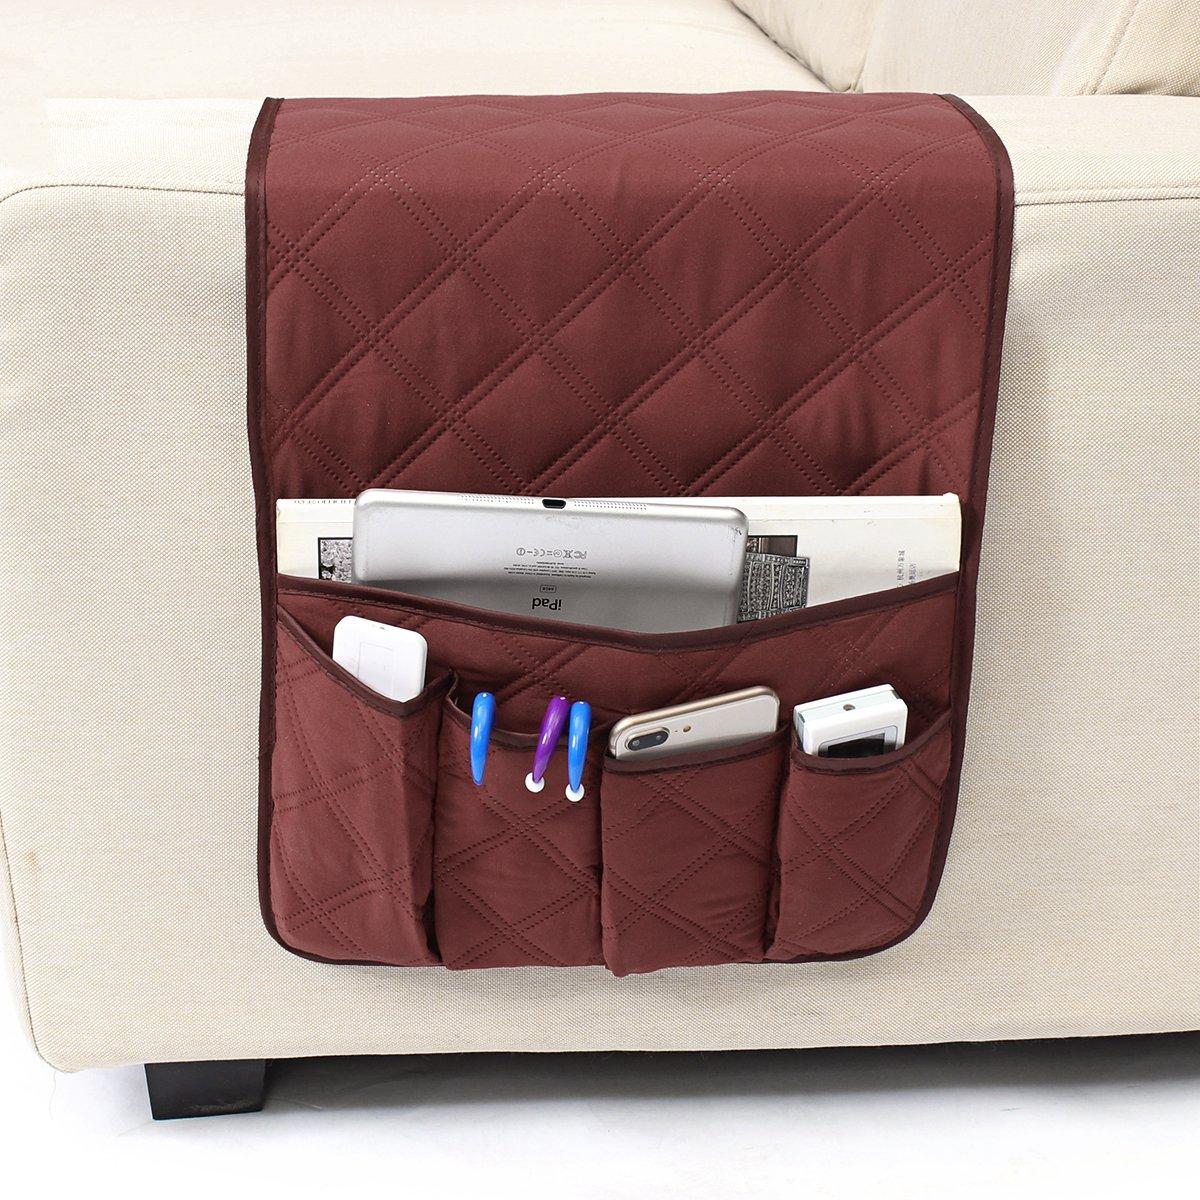 GEMITTO Salvaspazio da comodino del divano impermeabile del telecomando Pocket organiser multiuso contenitore compatibile con telecomando e supporto per telefono e libro Brown